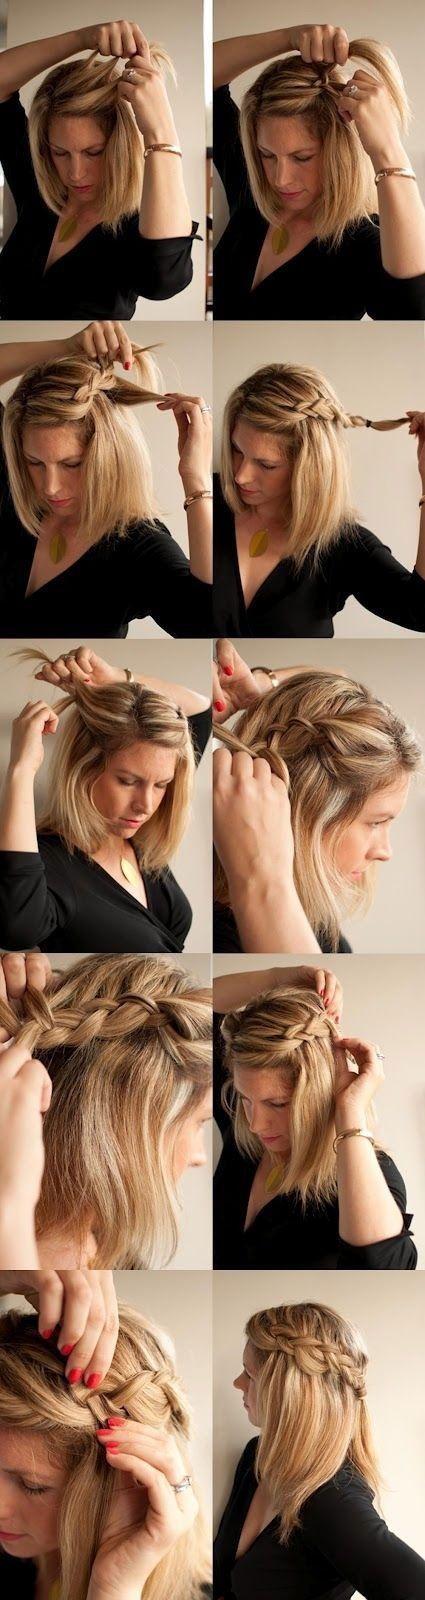 potongan rambut wanita jepang